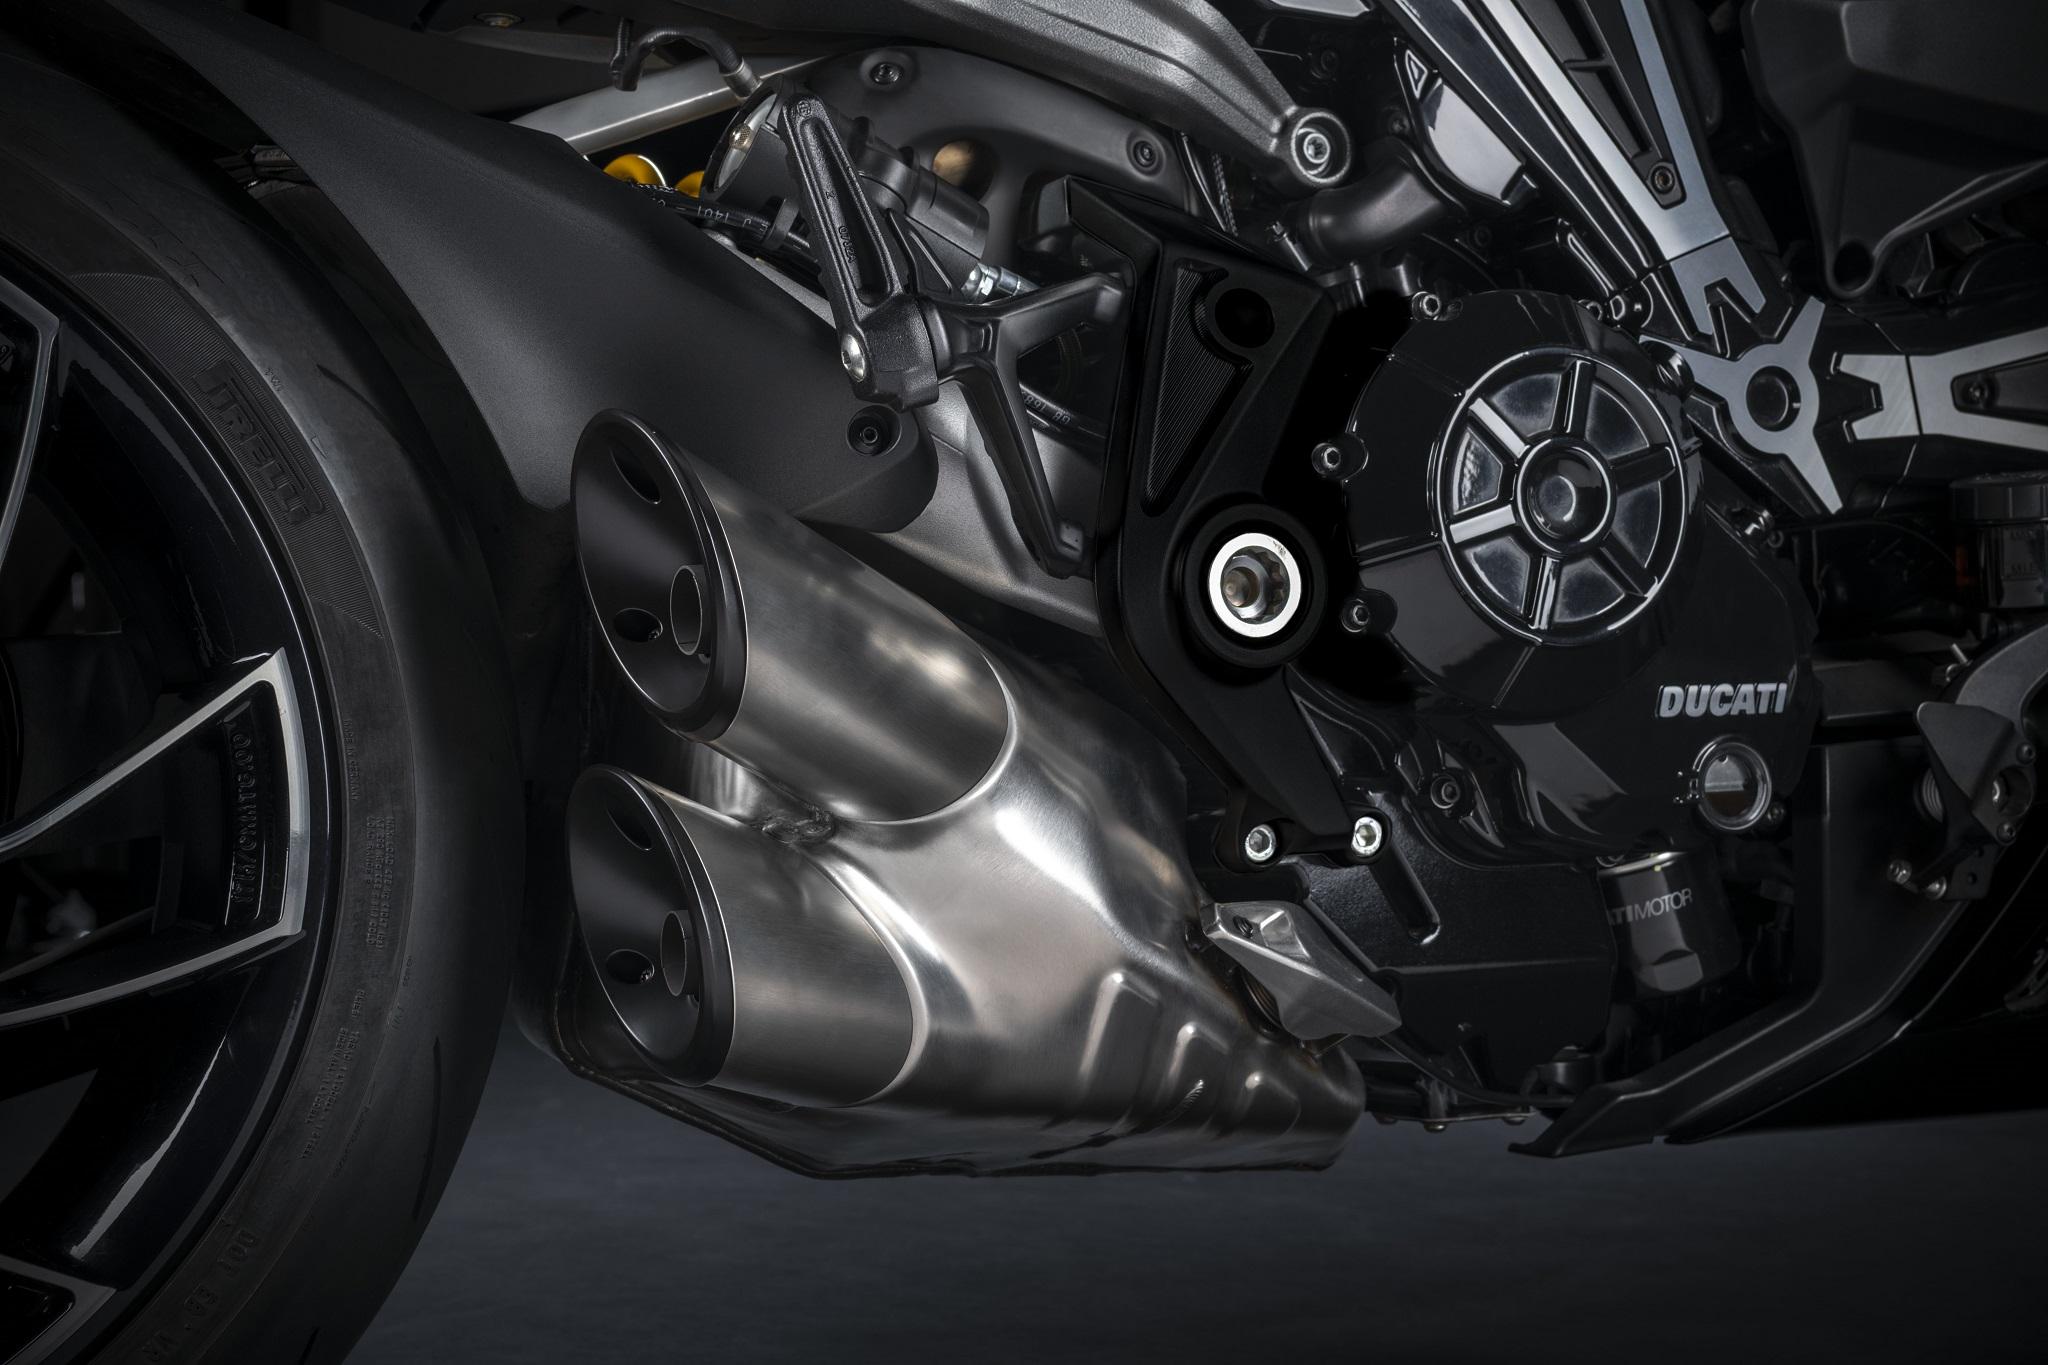 Ducati X-Diavel - Plus de puissance et nouveaux coloris, Dark, Diavel, Black Star, jantes, poids, prix, DTC, DPL, LED